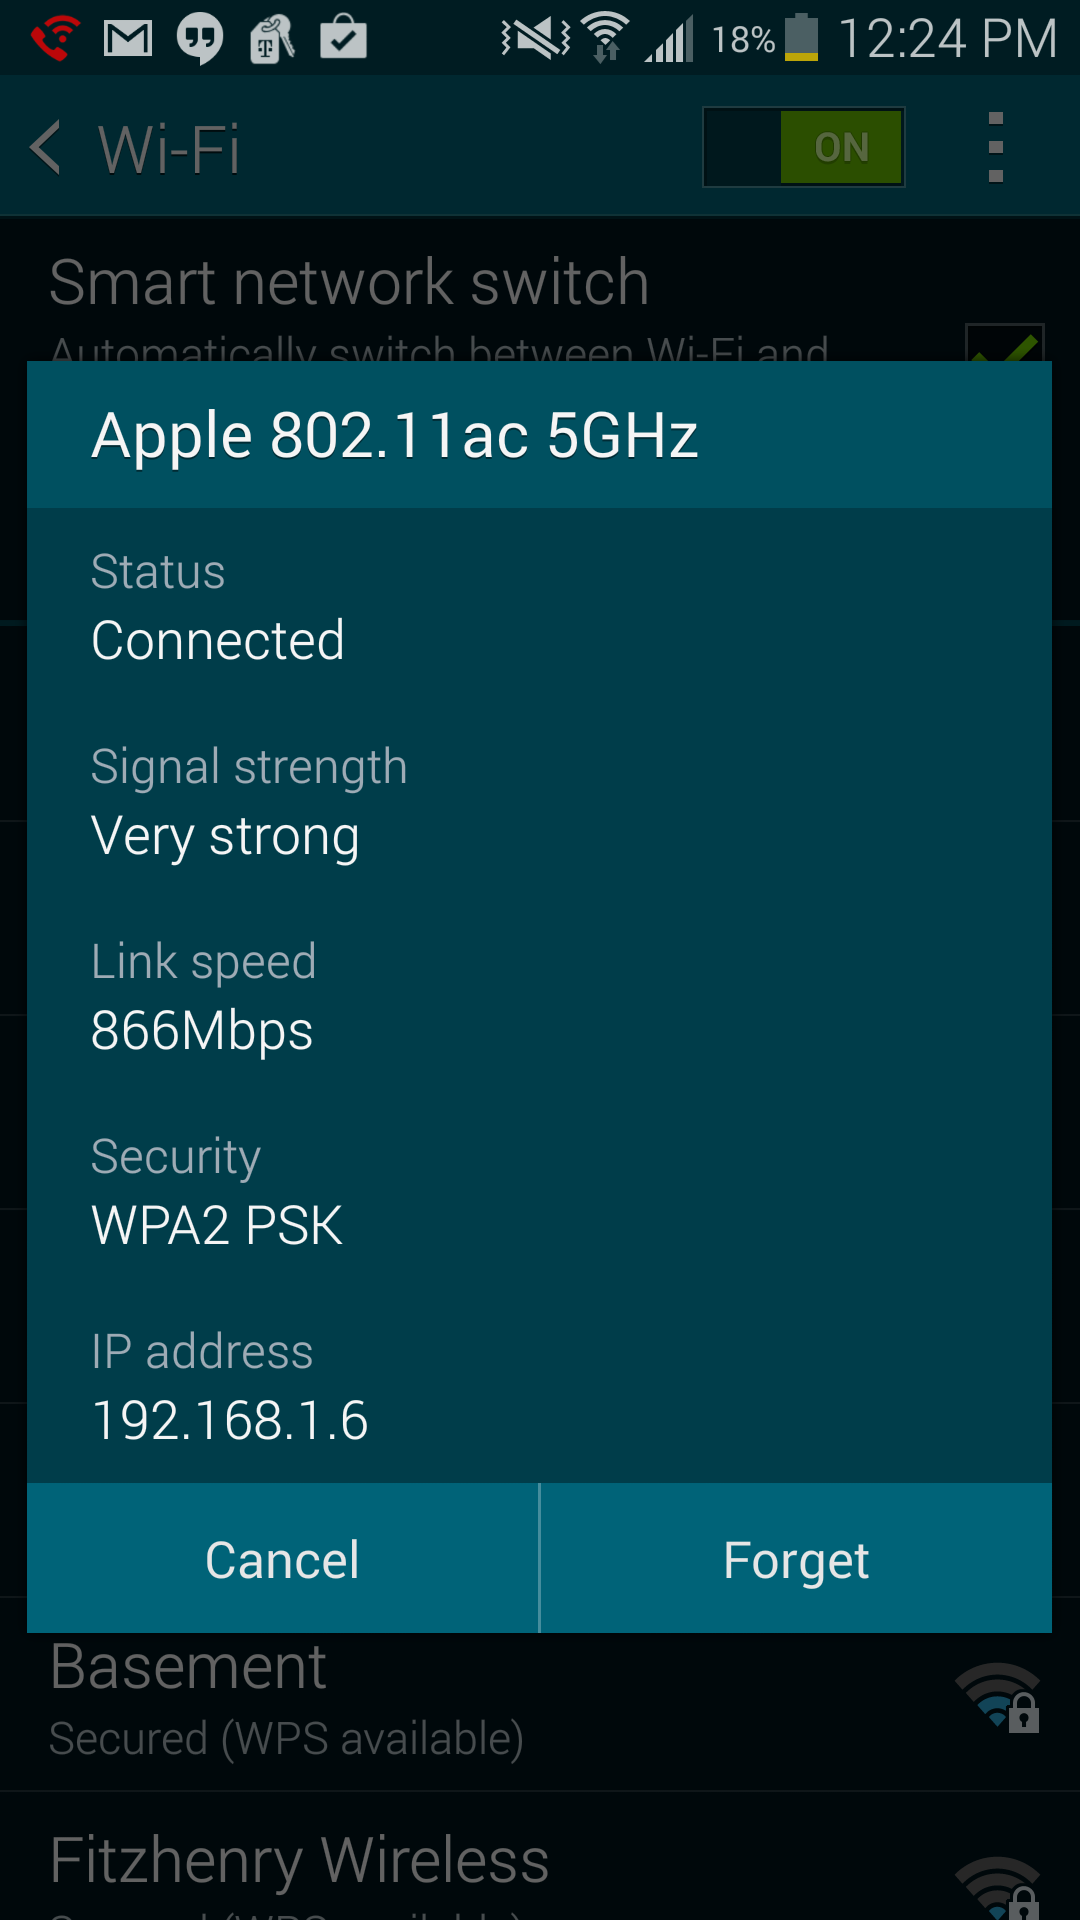 Intel widi download windows 7 samsung | Problem with Intel WiDi not